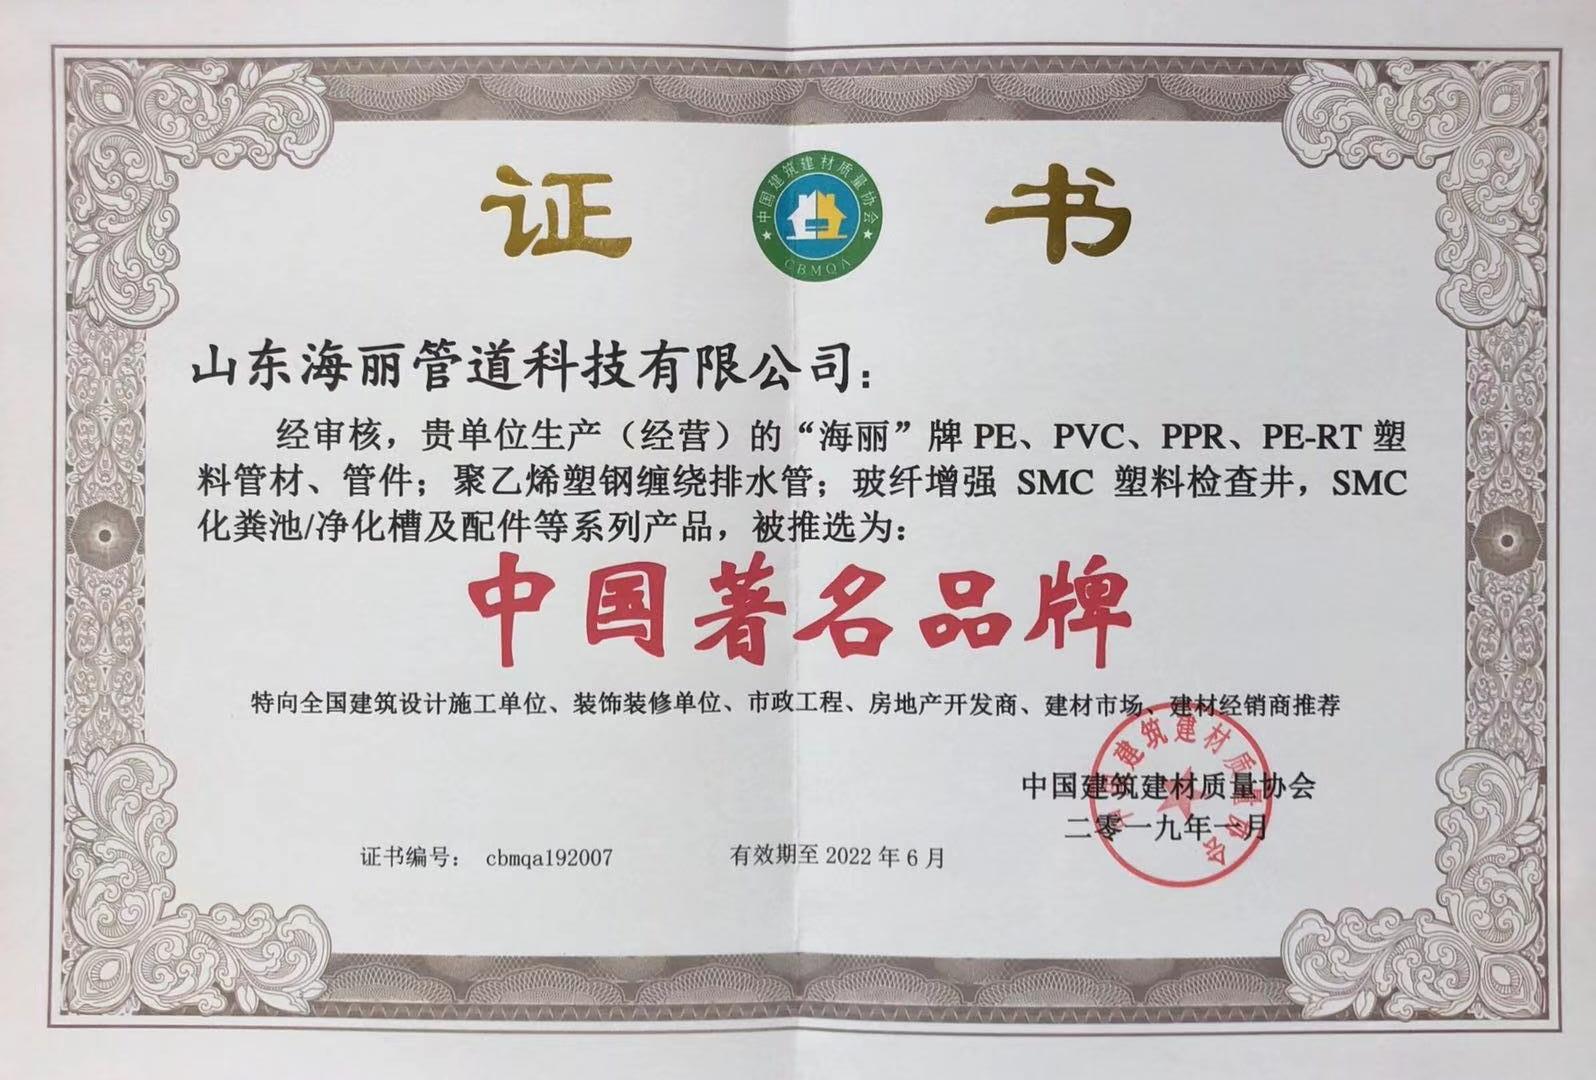 中国著名品牌_201901